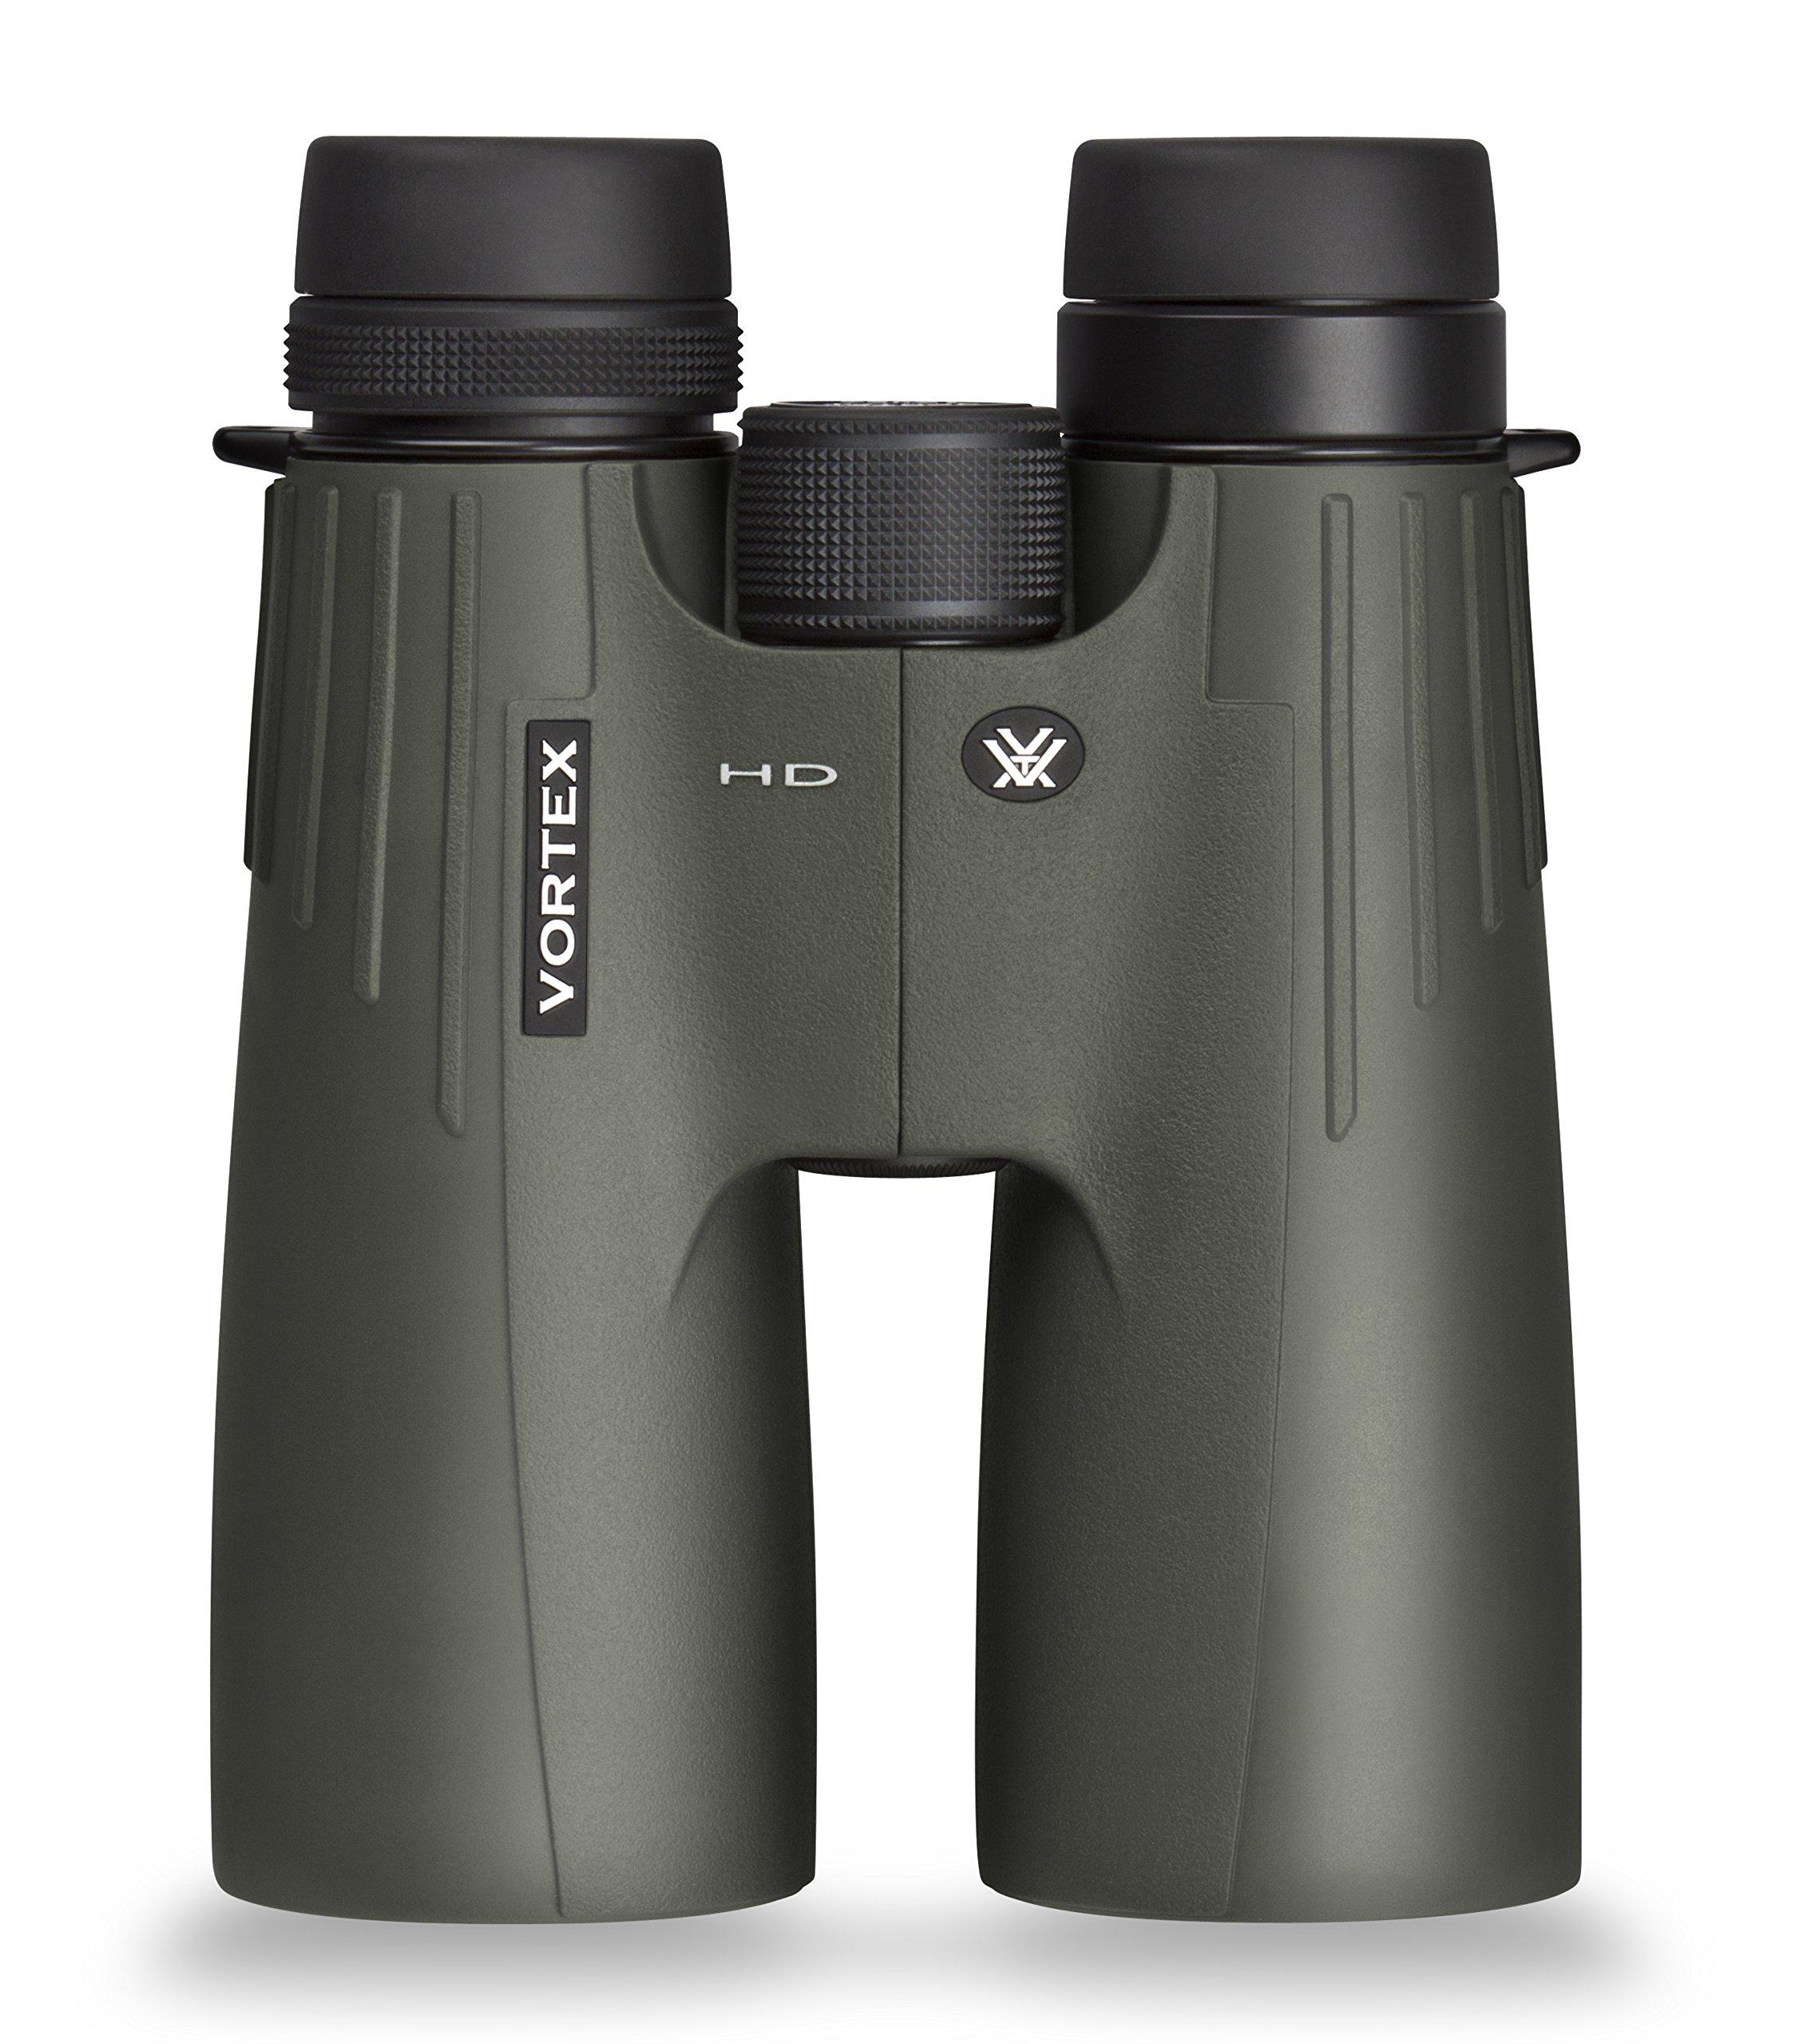 2263x2560 Vortex Optics Viper Hd Roof Prism Binoculars Sports